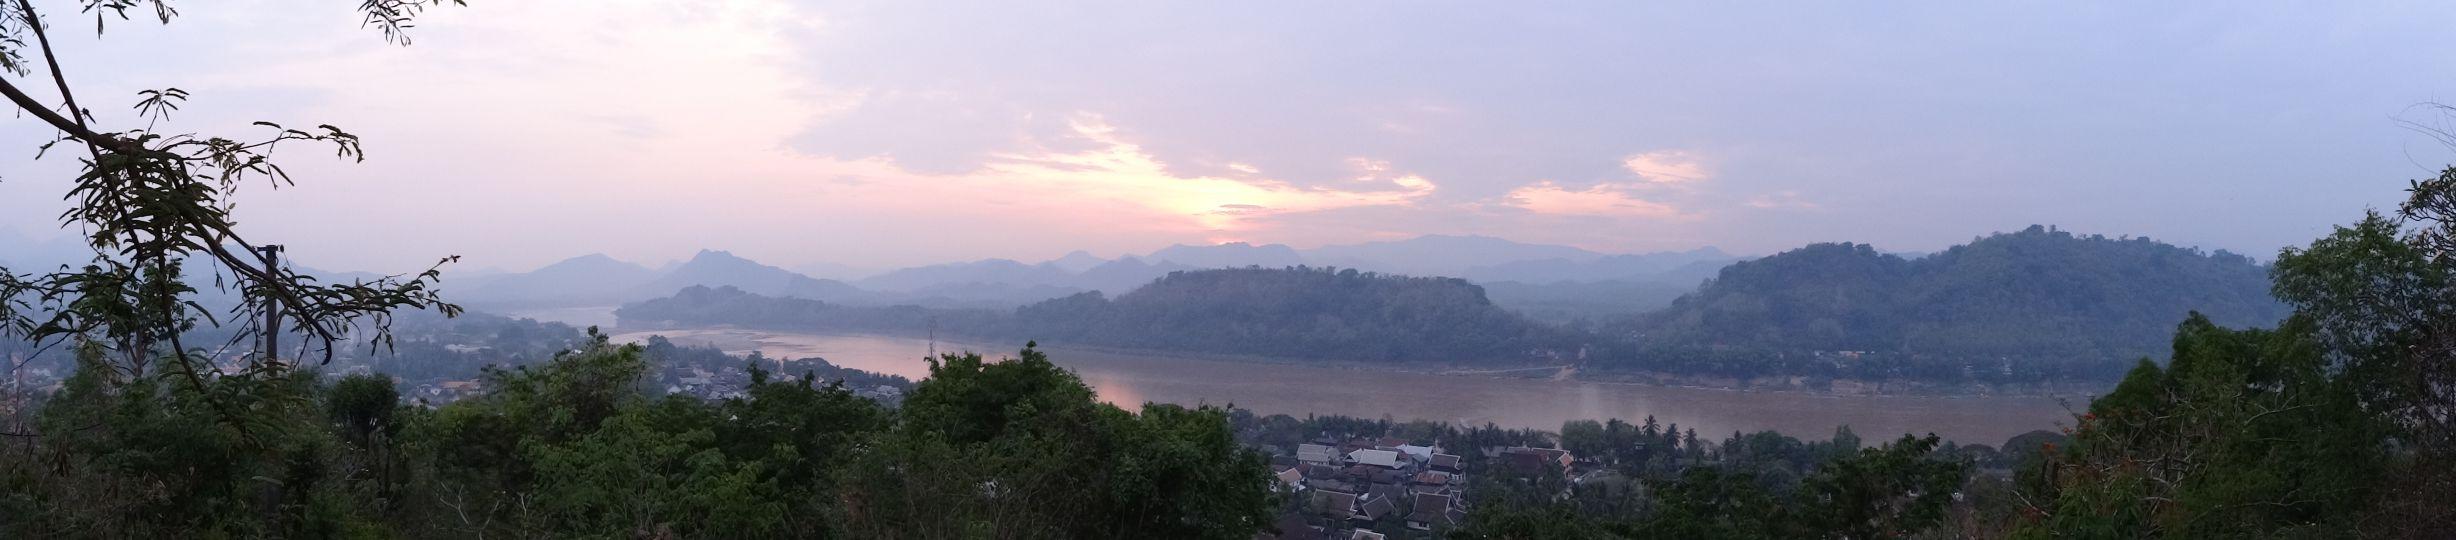 Laos - Huay Xai